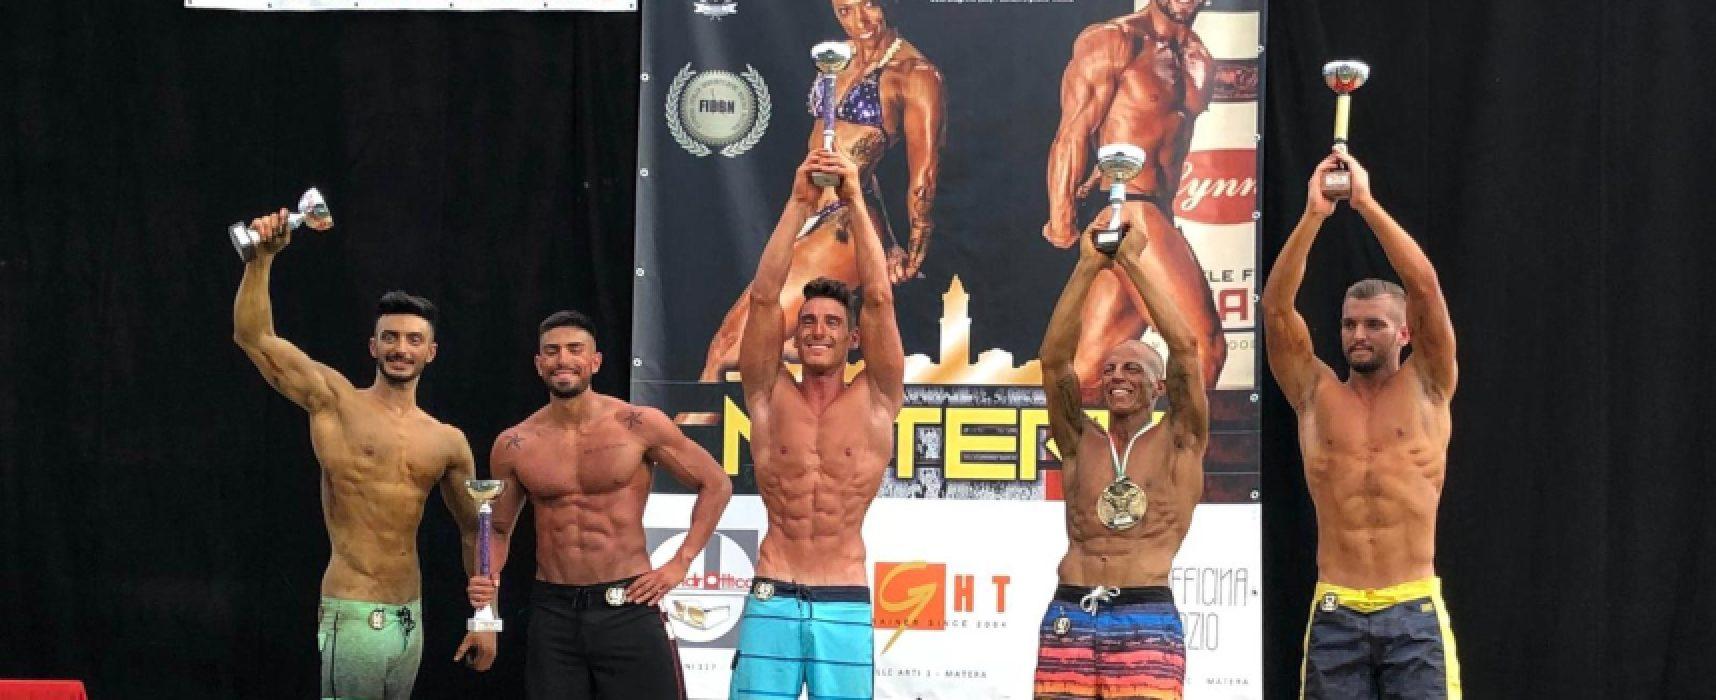 Il biscegliese Di Liddo trionfa alle selezioni Campionati Italiani Fitness Body Building